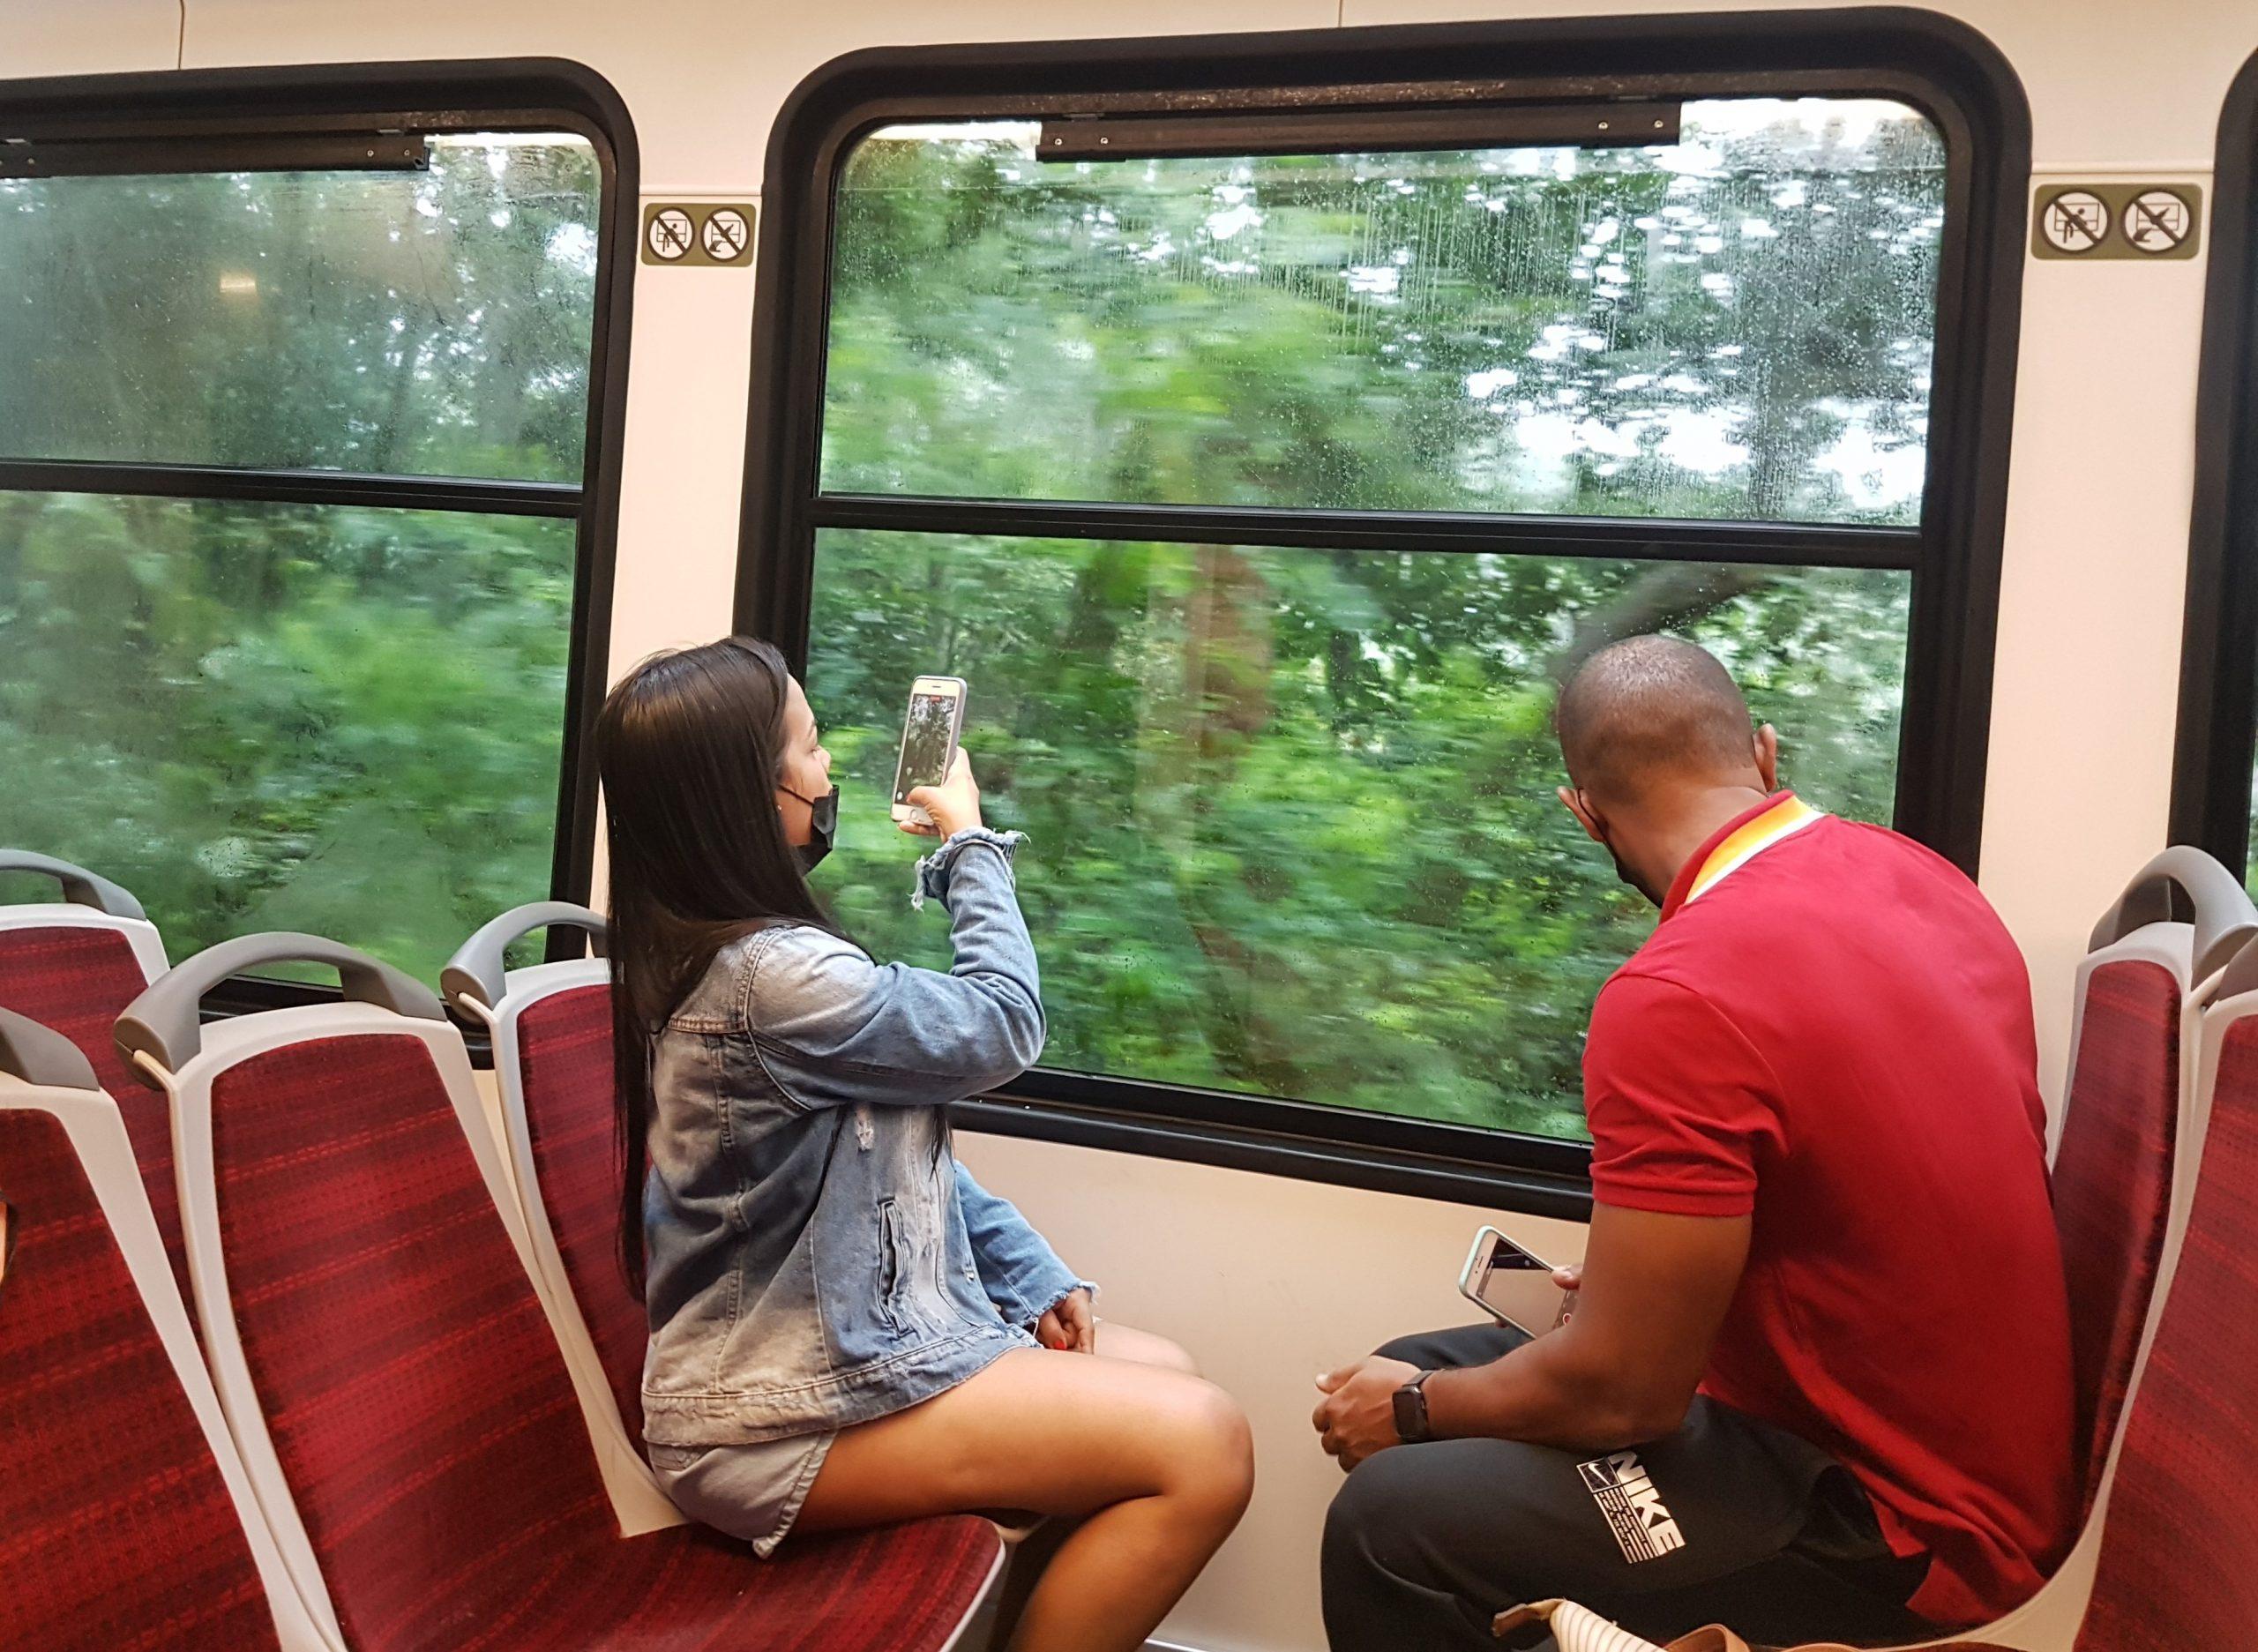 Turistas no Trem do Corcovado, inaugurado 47 anos do monumento ao Cristo Redentor: linha férrea por dentro do verde exuberante da Mata Atlântica (Foto: Oscar Valporto)